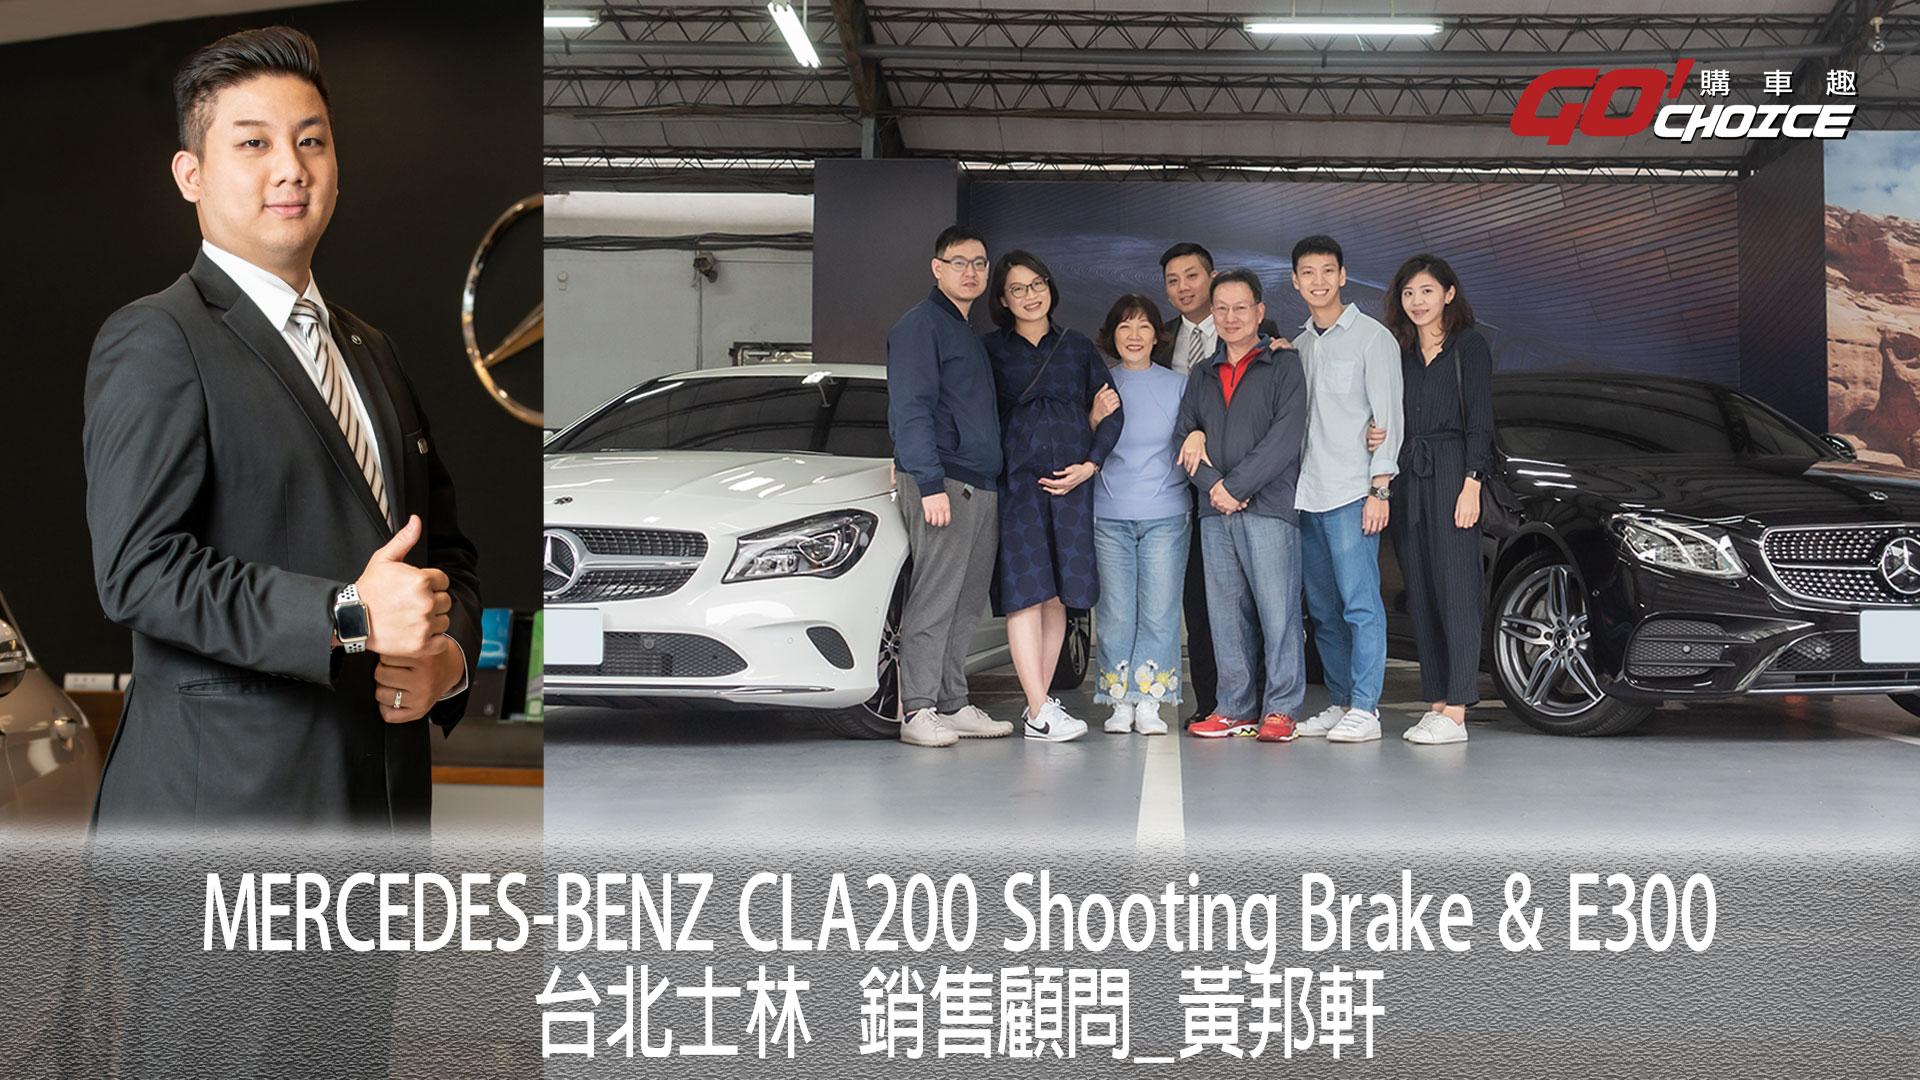 交車紀錄影片 Mercedes-Benz CLA200 Shooting Brake & E300-賓士 士林 銷售顧問_黃邦軒